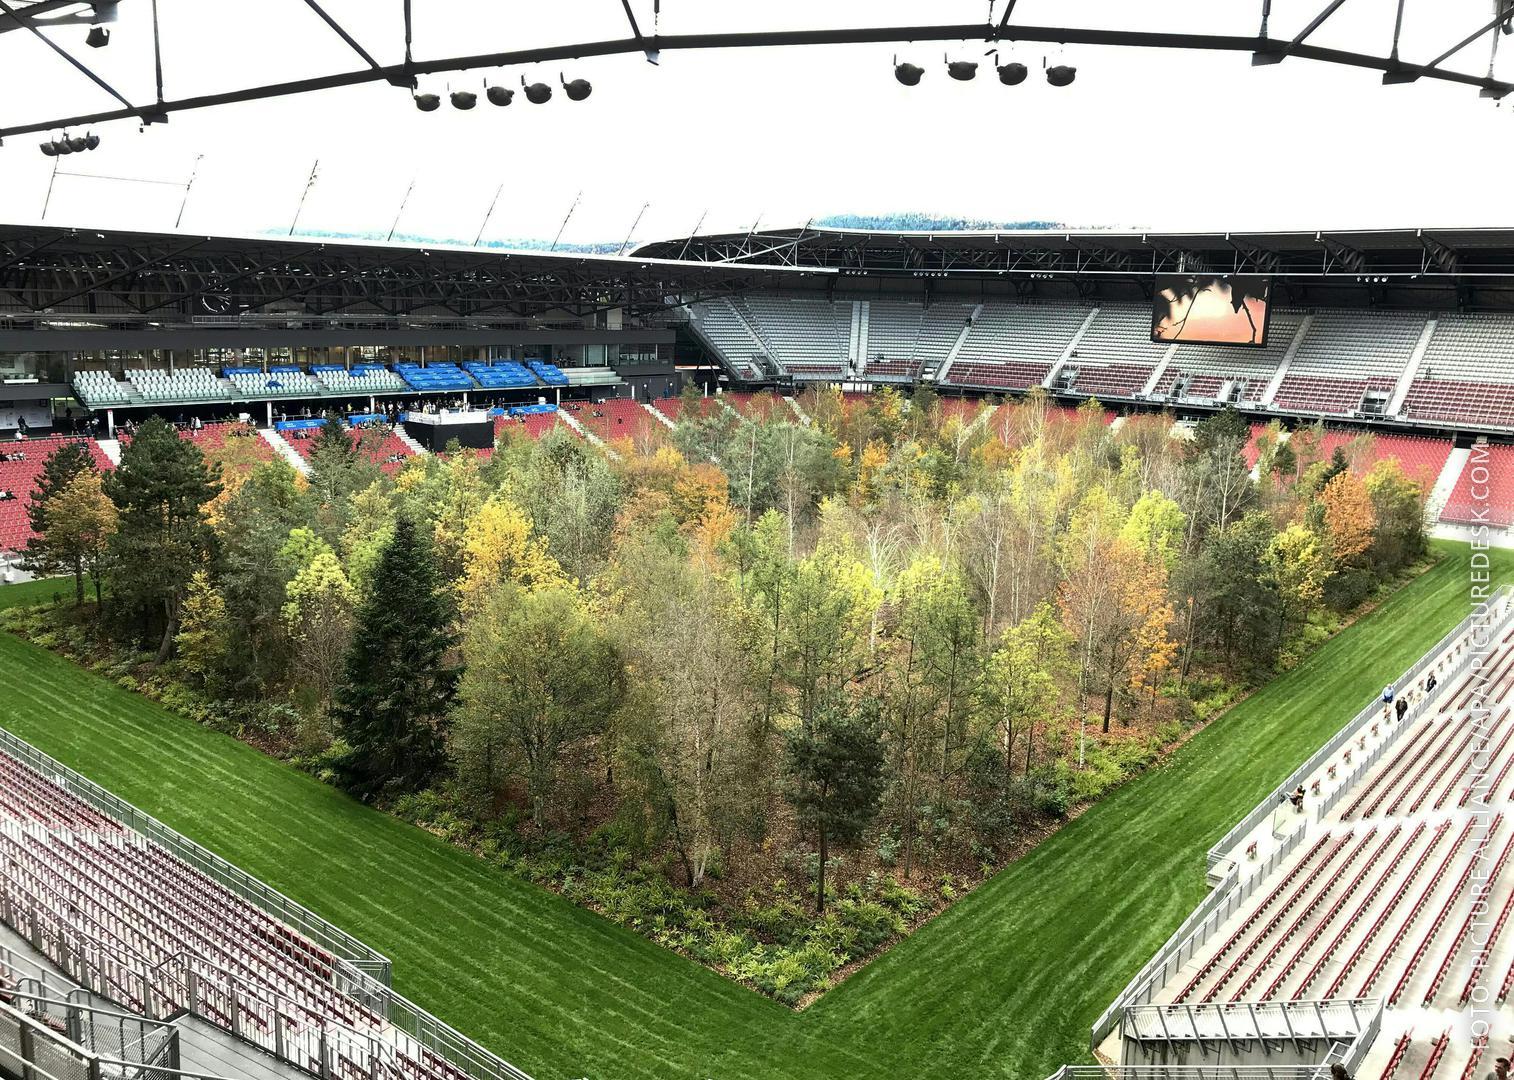 Bäume auf dem Spielfeld des Wörthersee Stadions